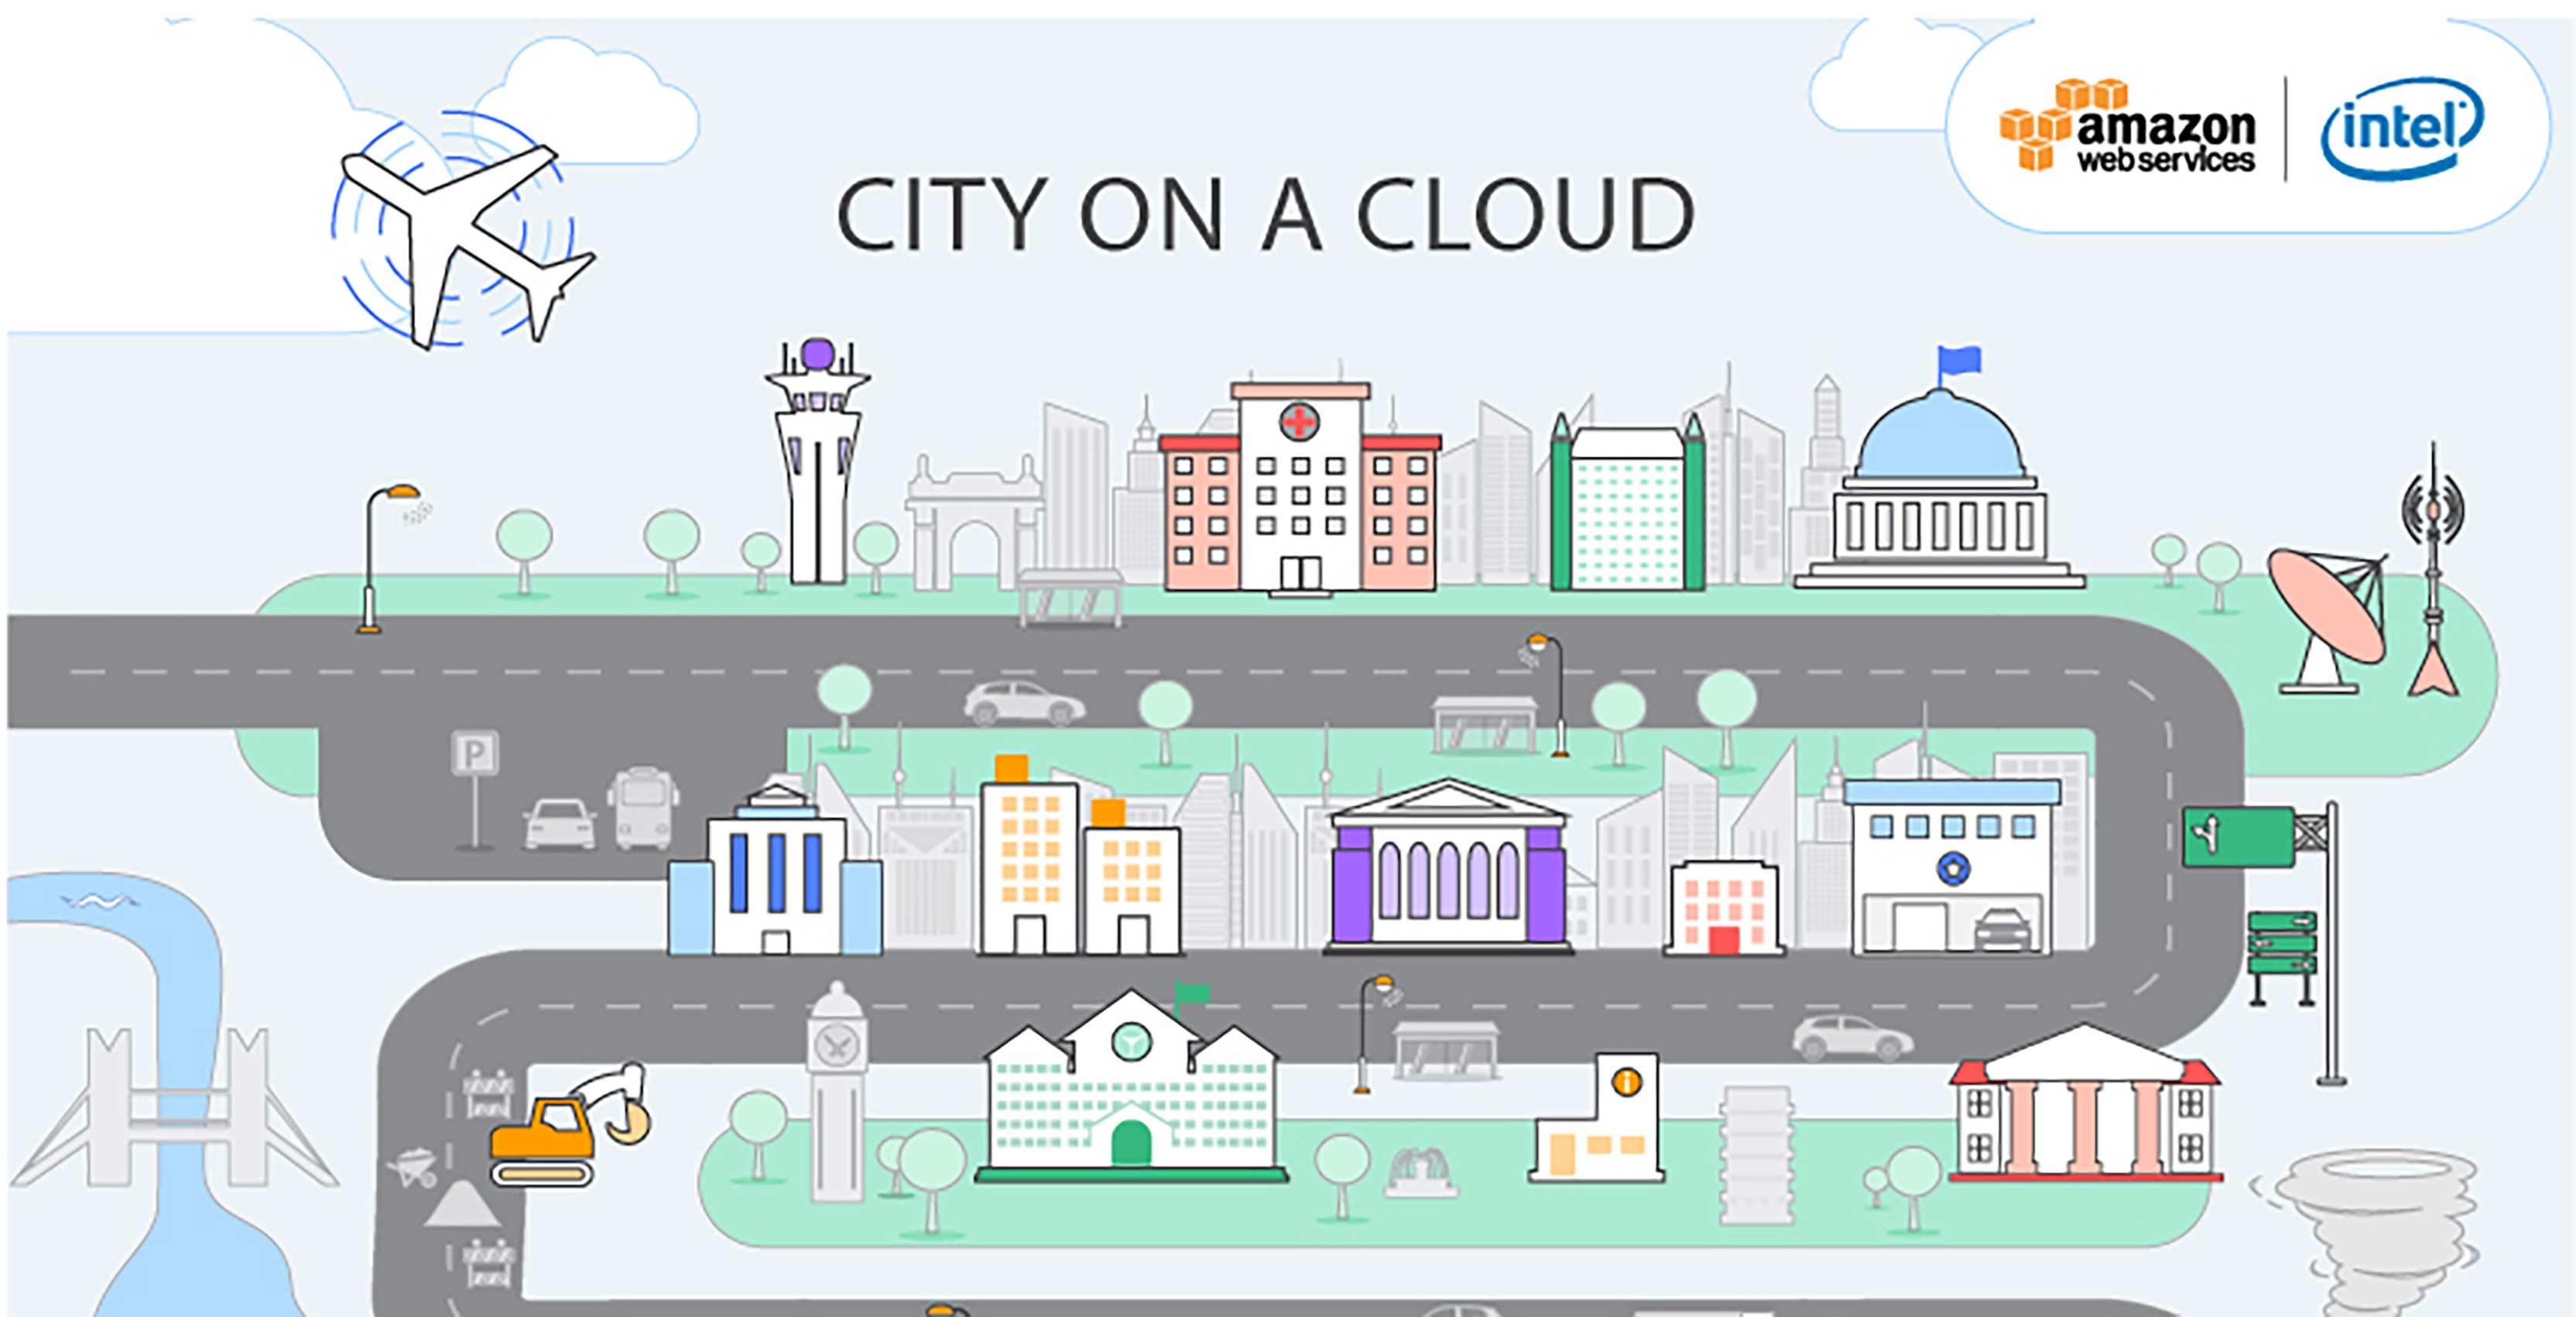 Amazon Web Services City on a Cloud